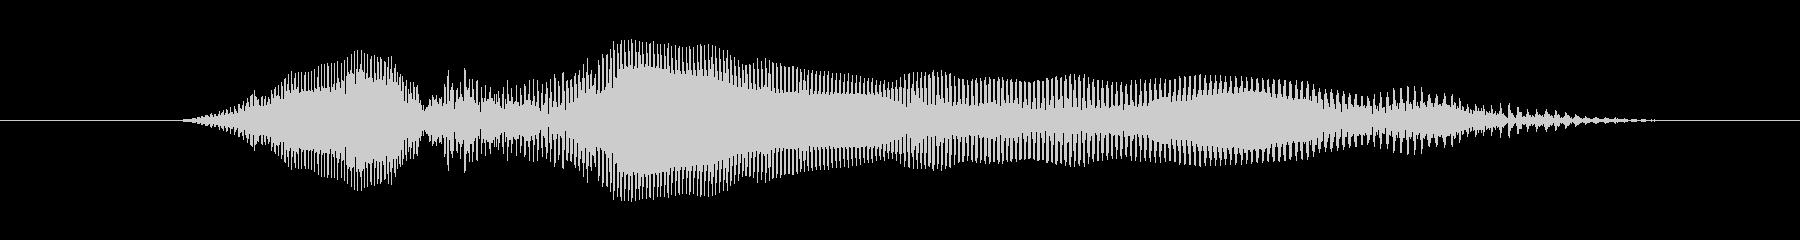 鳴き声 女性の叫びはい04の未再生の波形